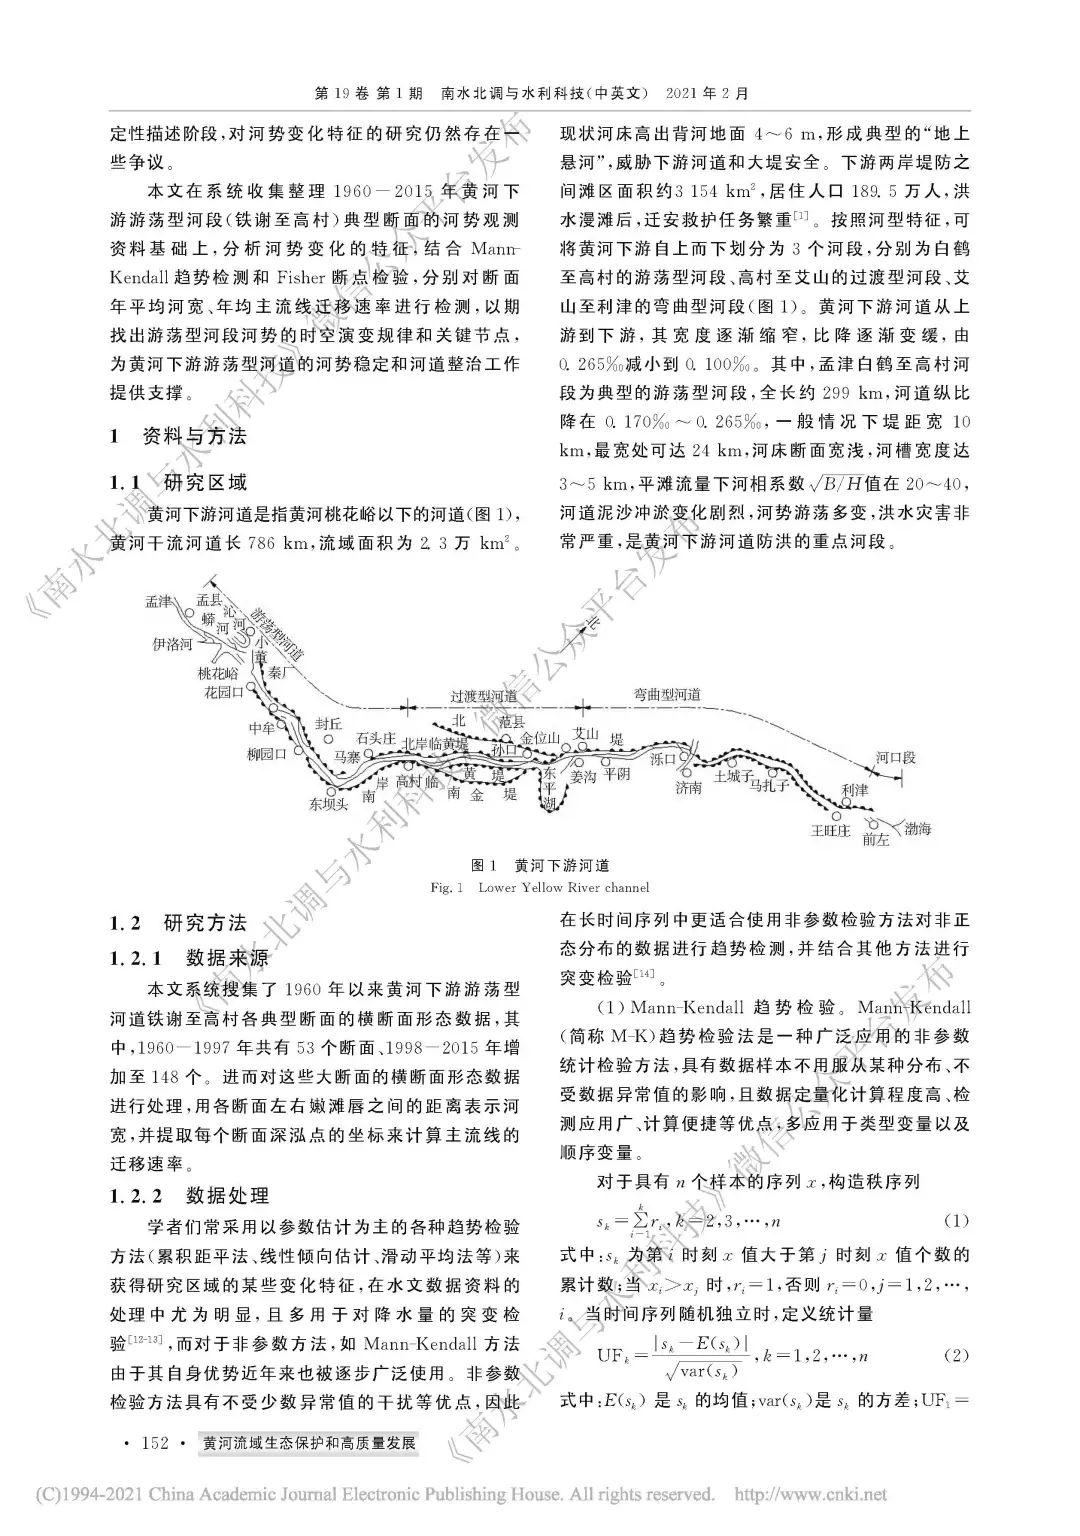 水文与水资源工程图片3